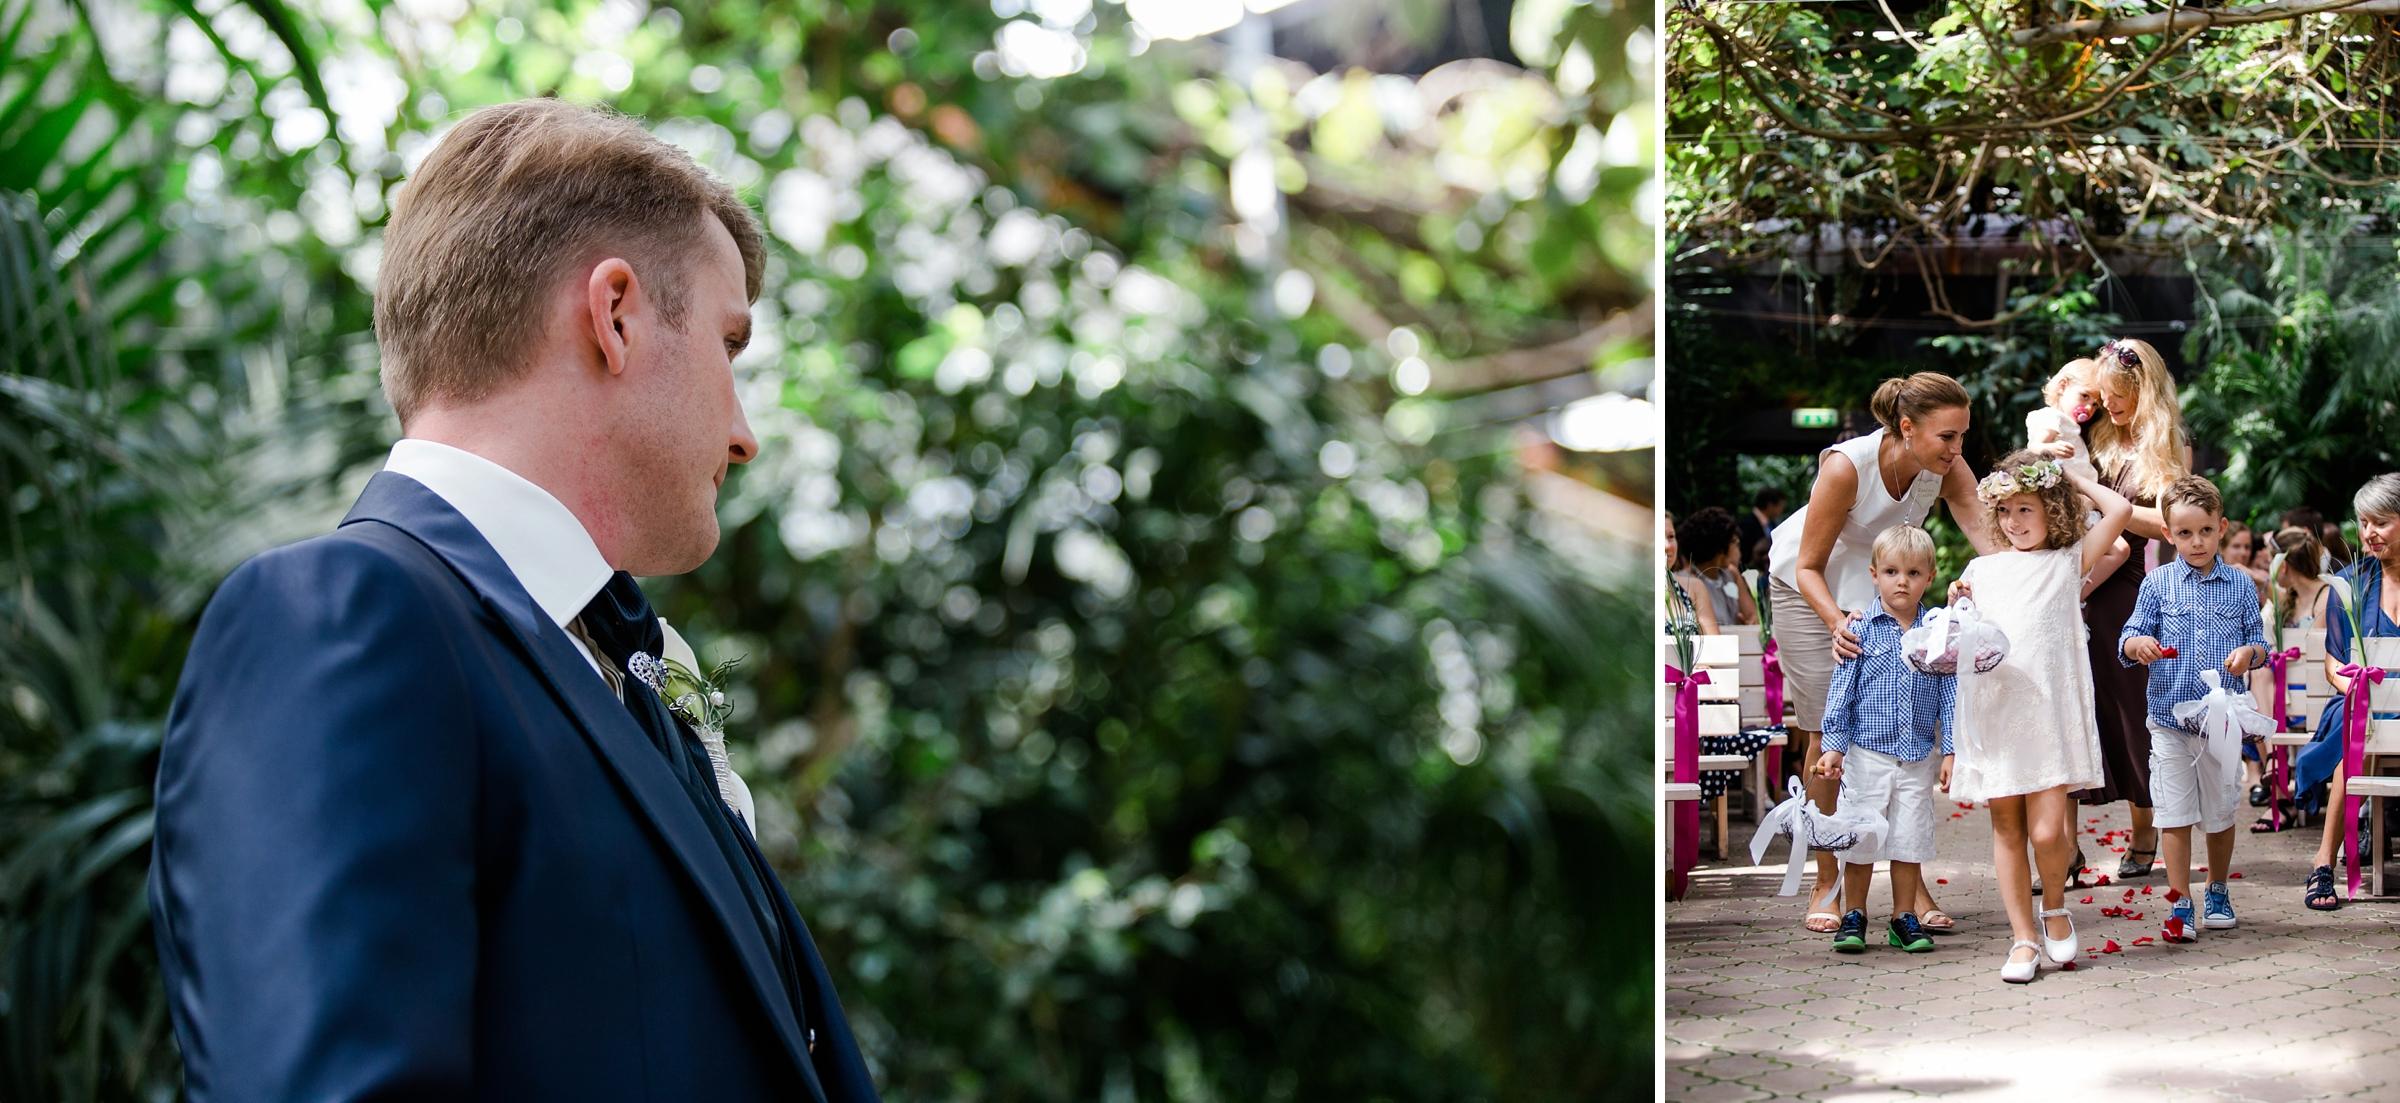 Hochzeitsreportage-Zuerich-Braeutigam-wartet-Blumenkinder-Giardino-Verde-Uitikon